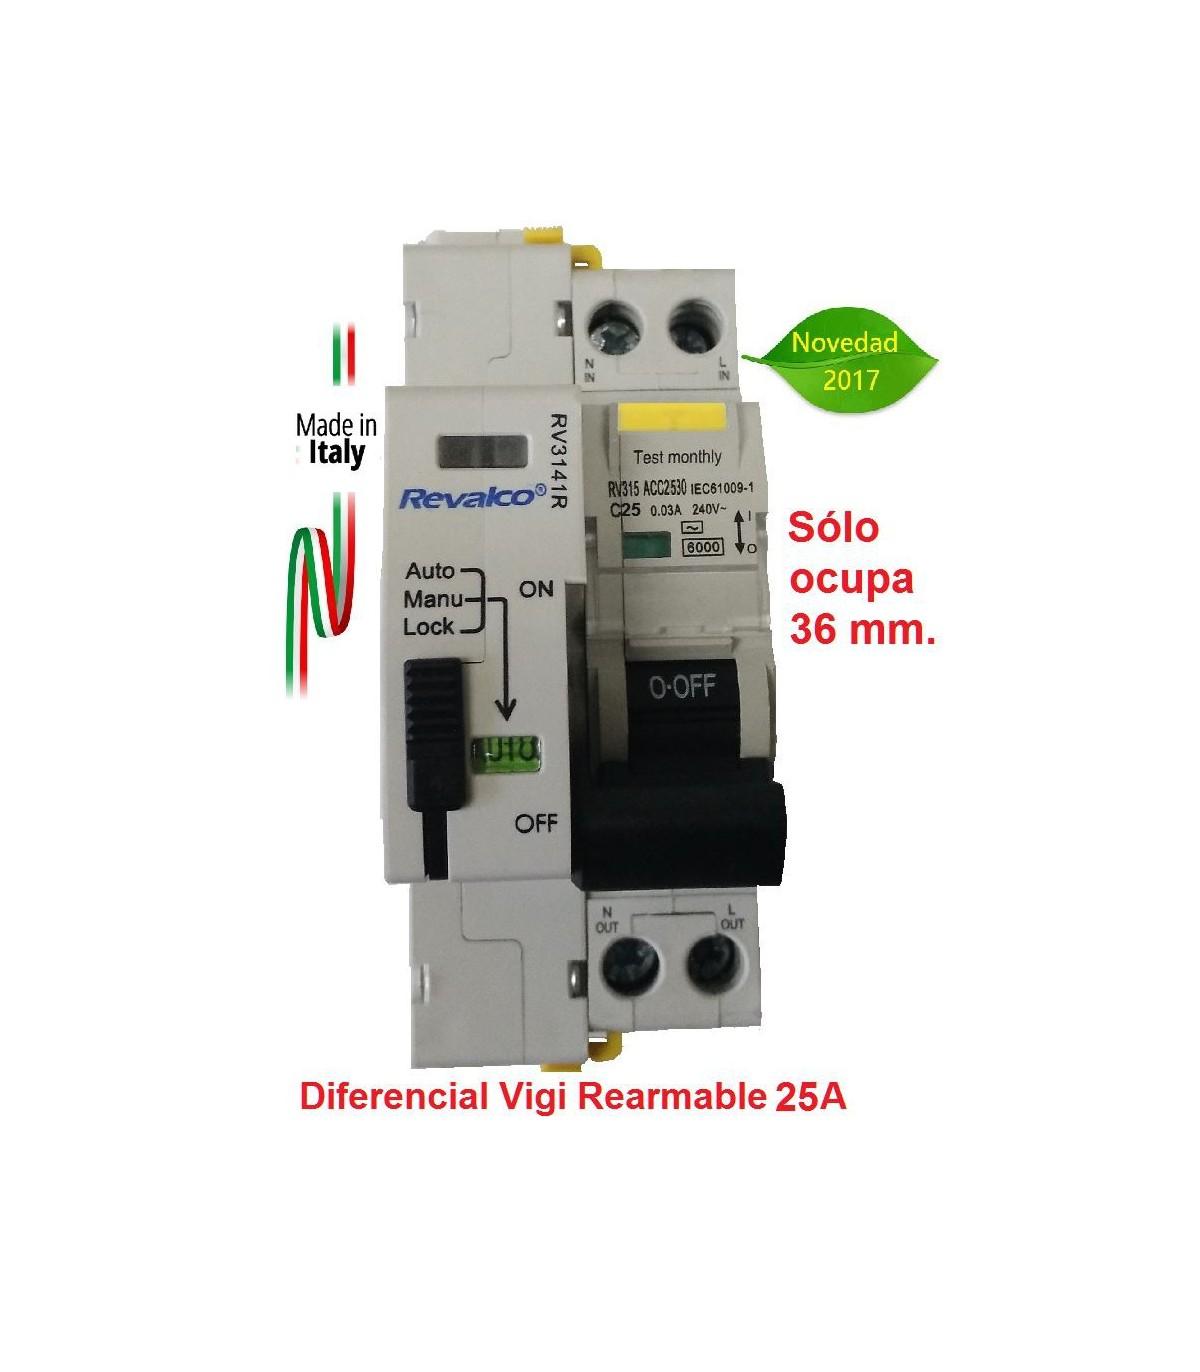 RV3141RA Reconectador autom/ático Revalco